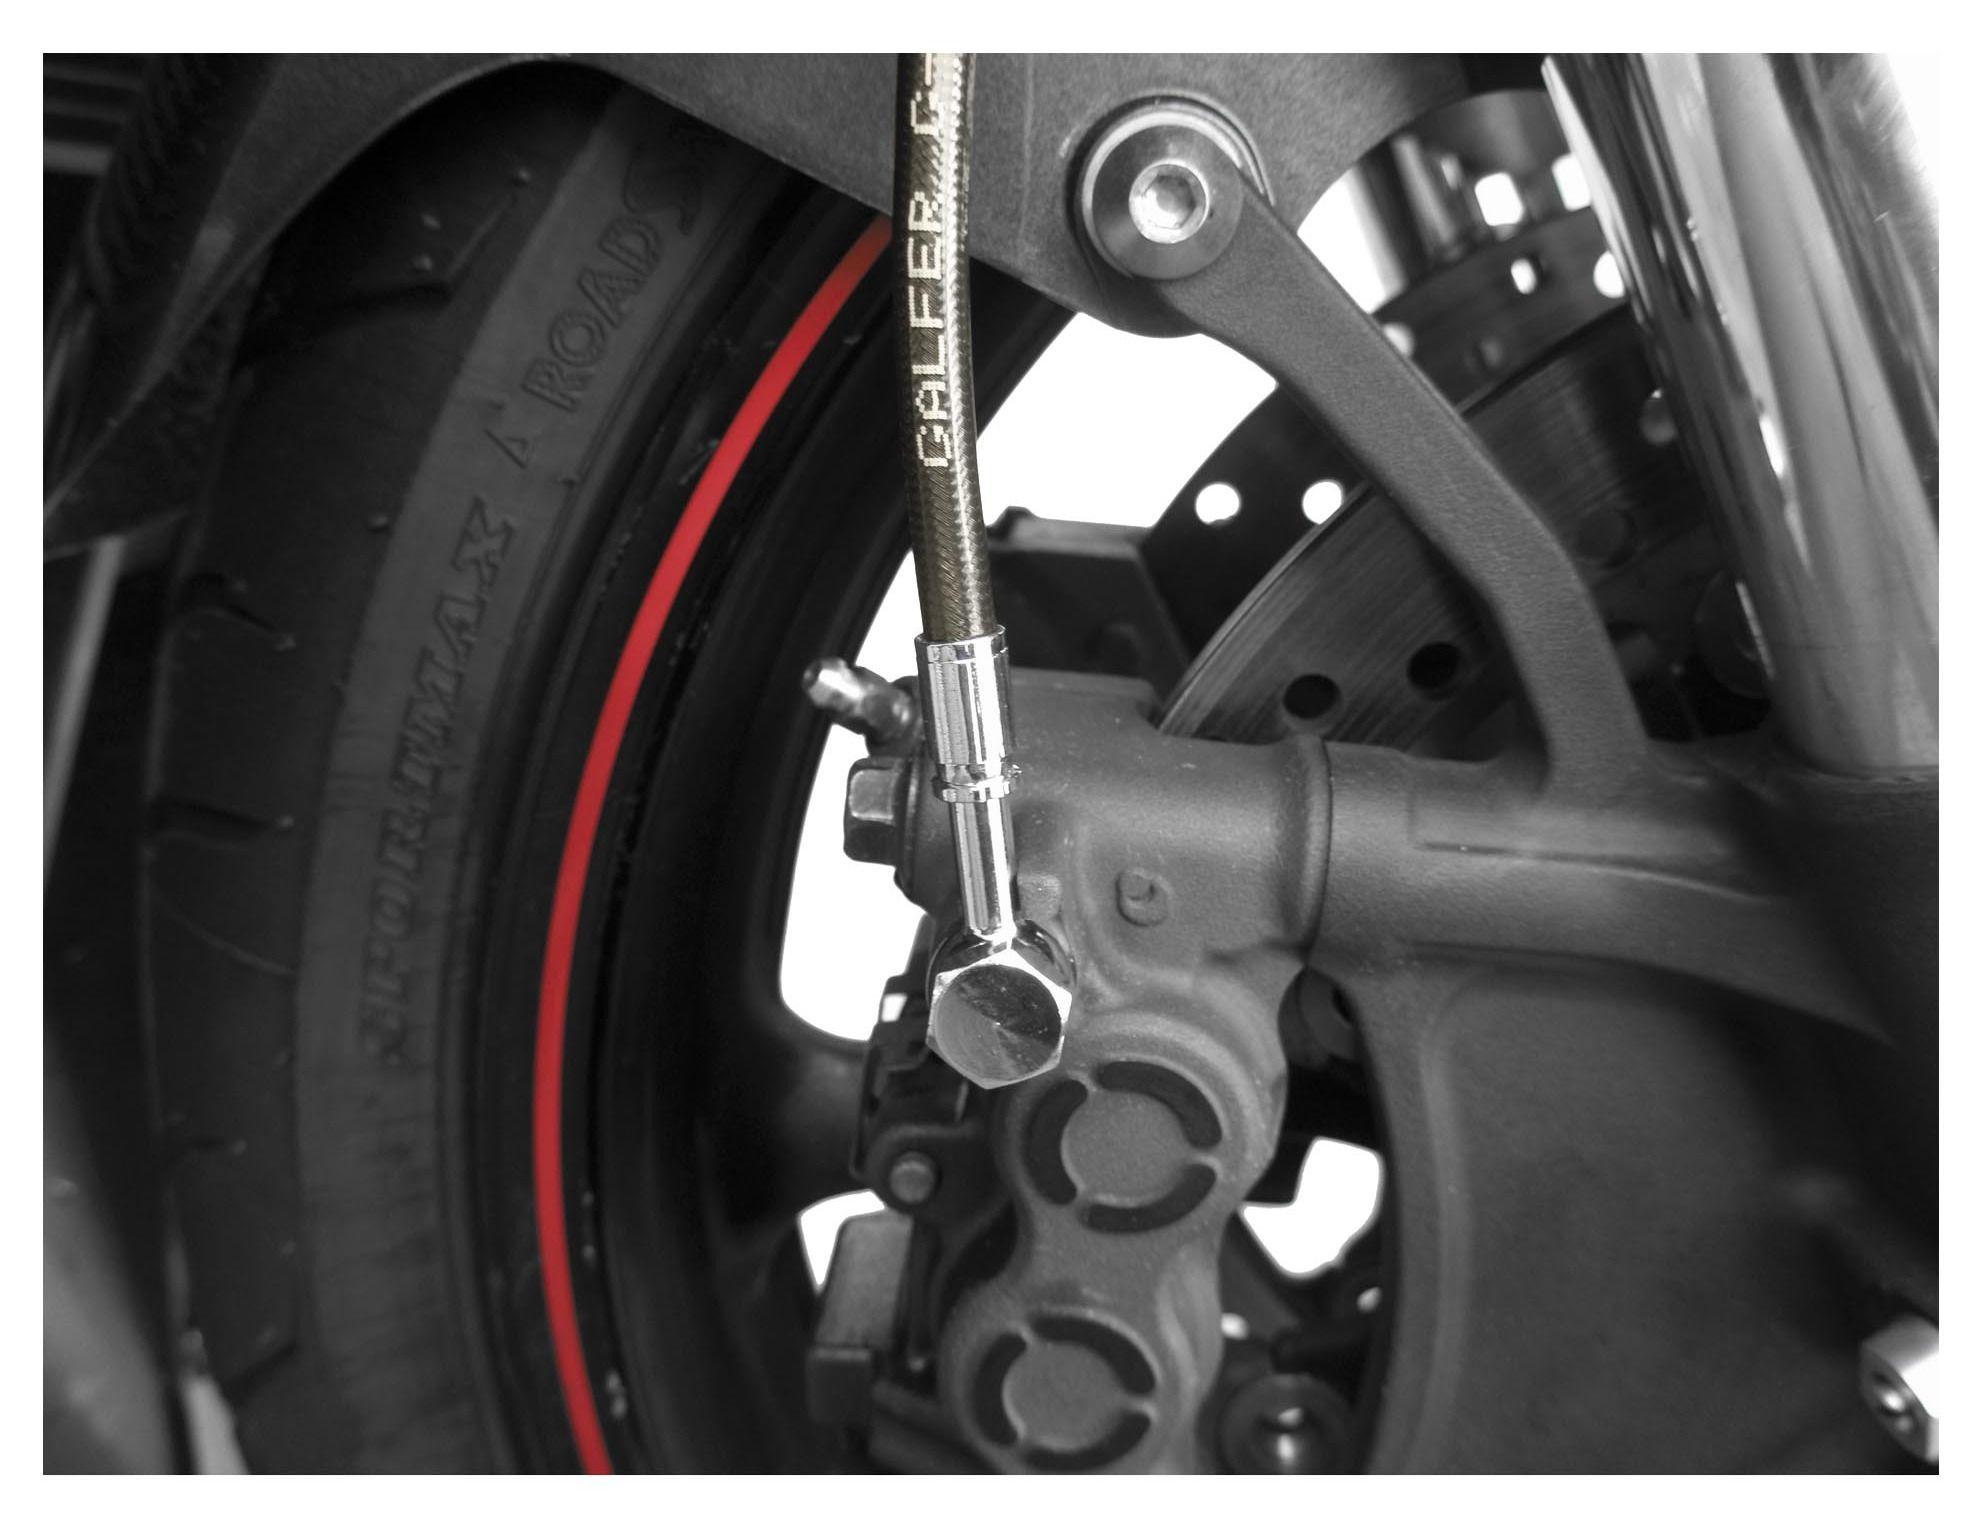 Suzuki GSXR 600 Brake Lines 2008 2009 2010 Front and Rear Black Stainless Steel